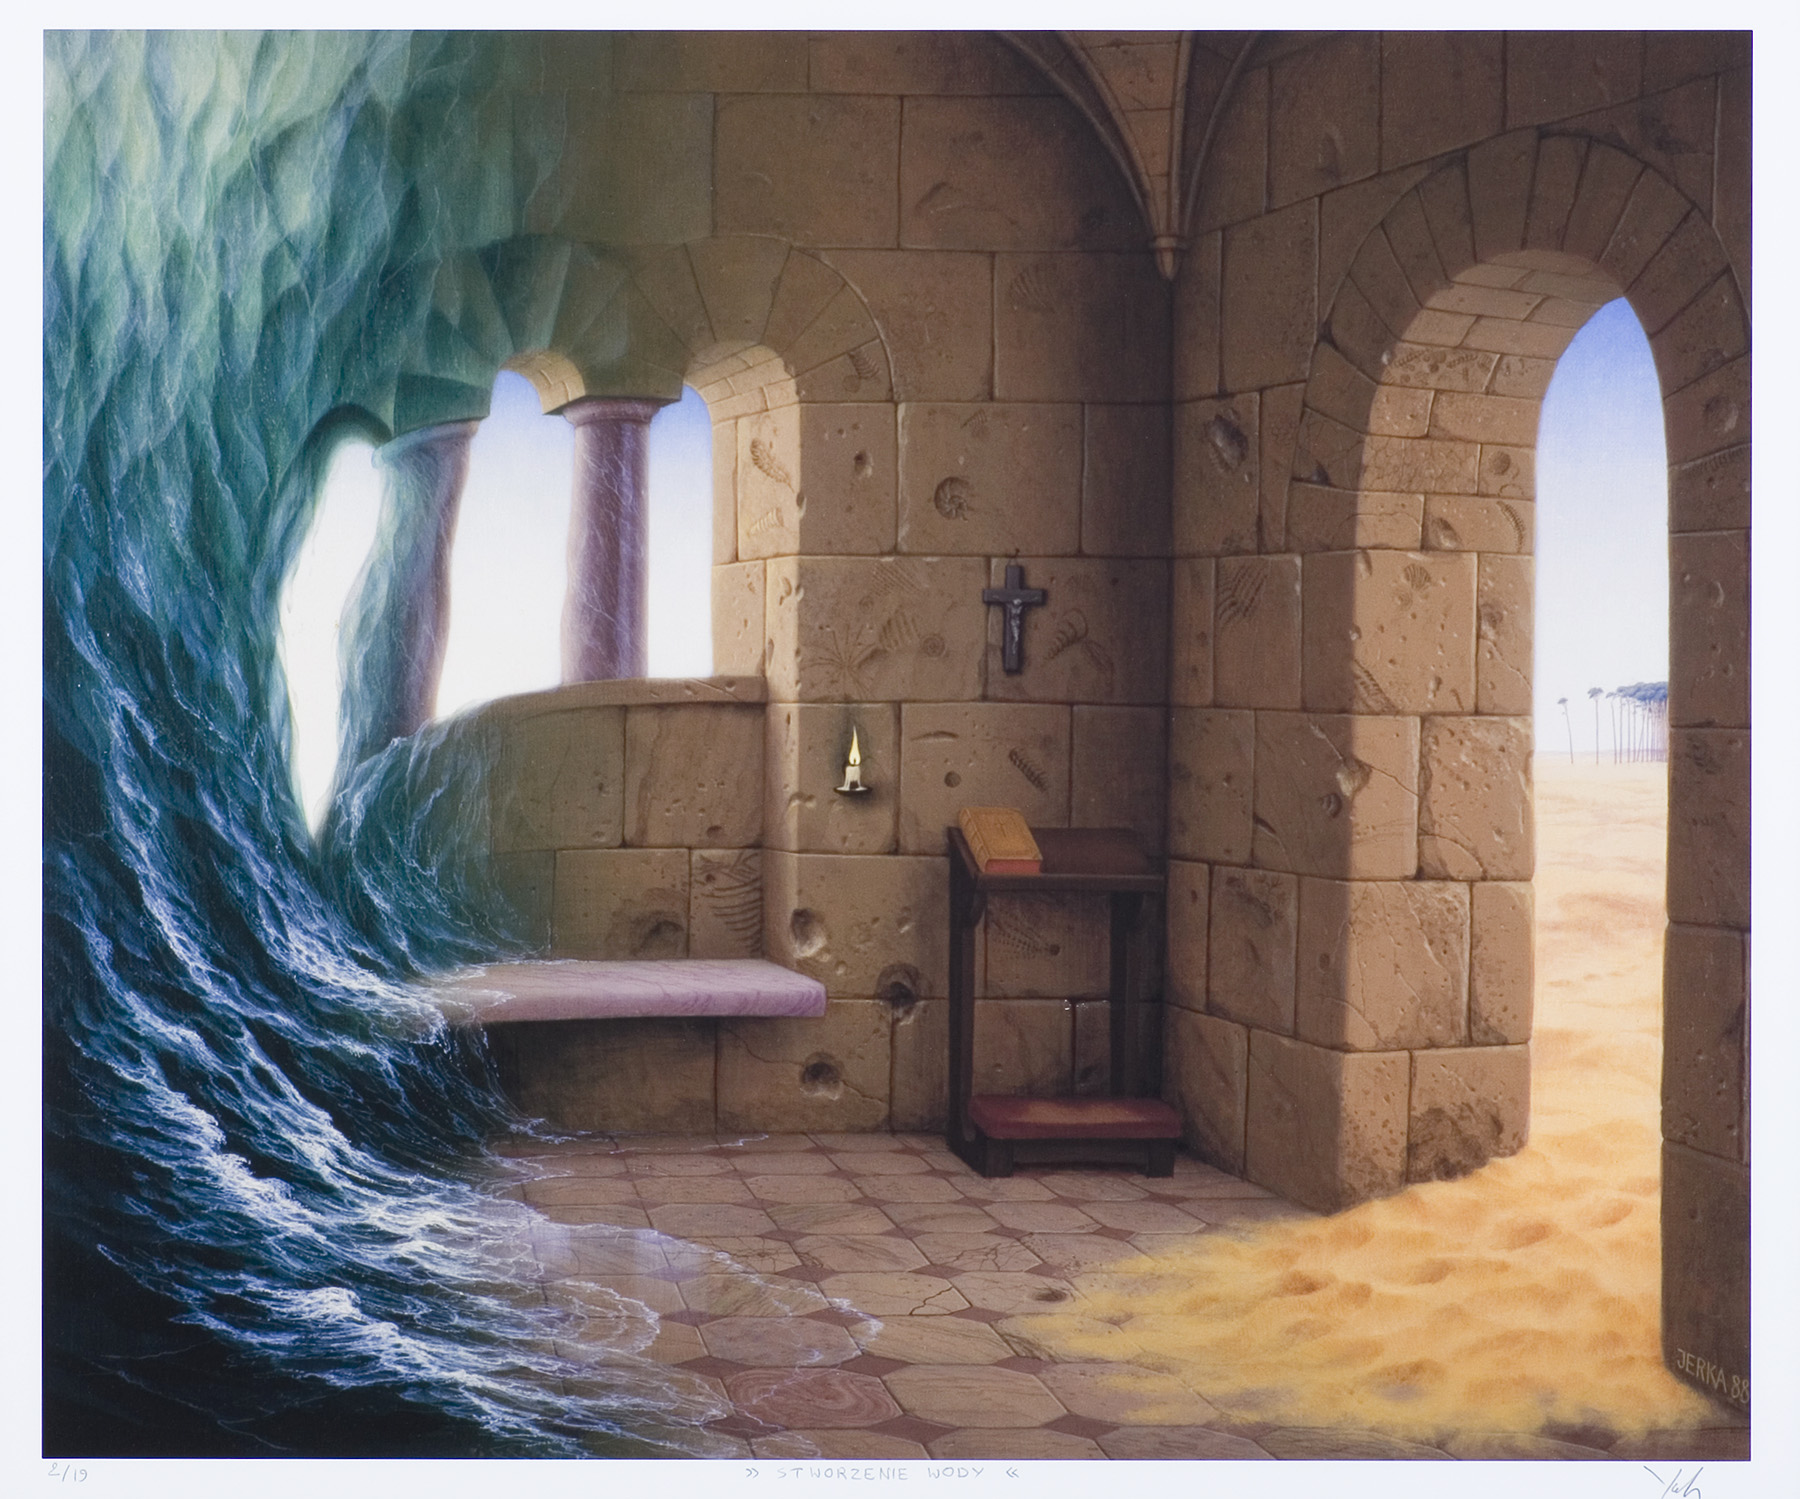 Stworzenie wody, 1988